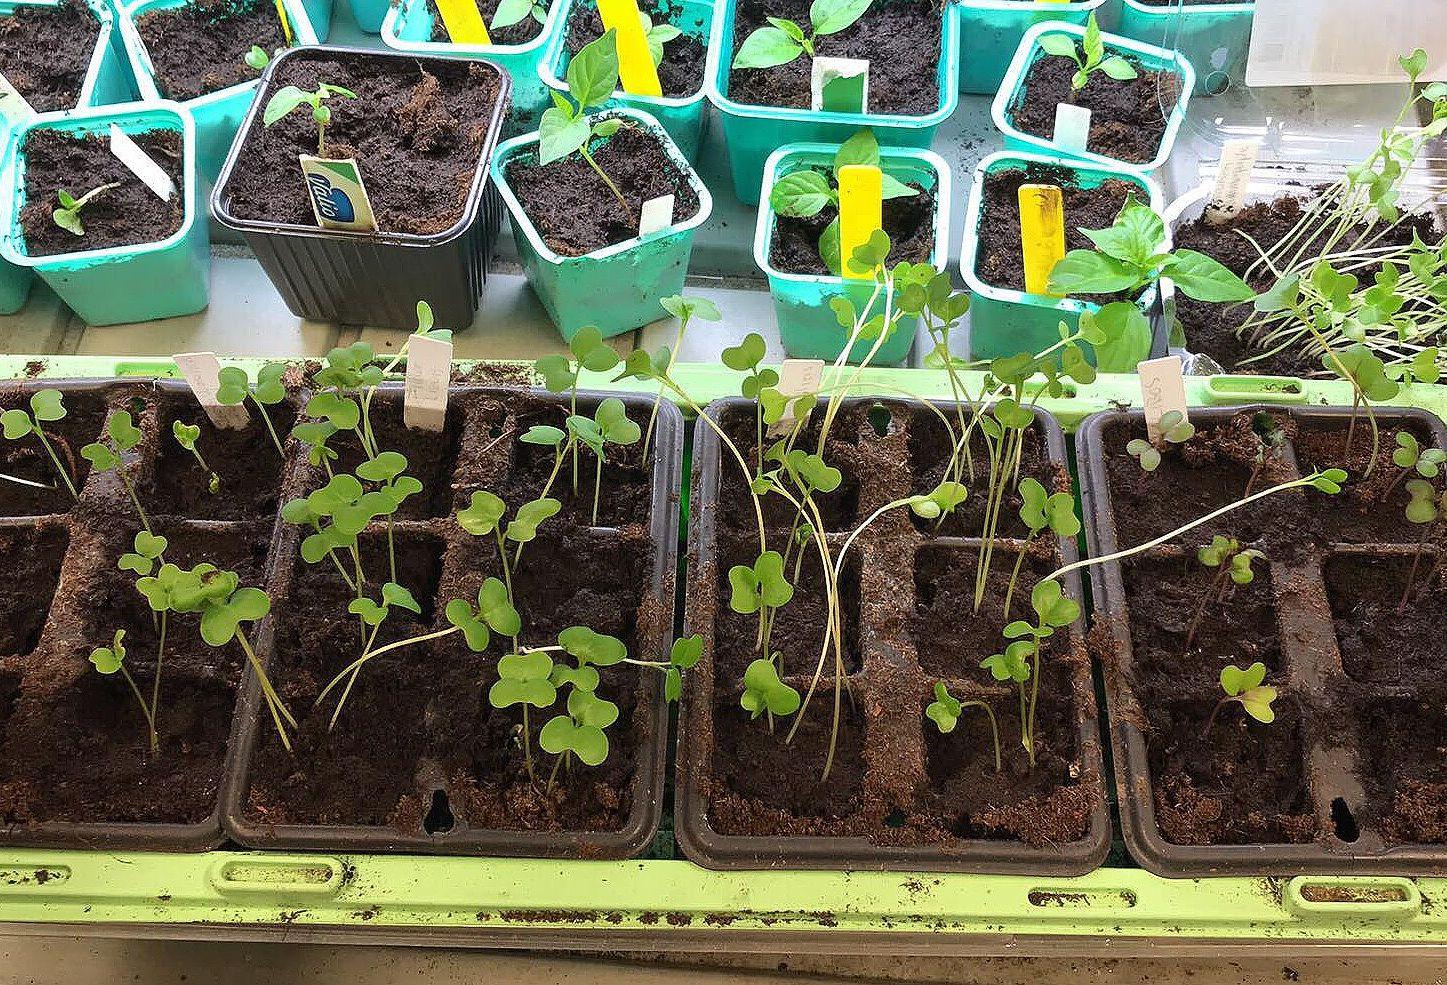 Bild på ett tråg med väldigt smala och långa små plantor. Leggy plants, a trough with thin and long plants.